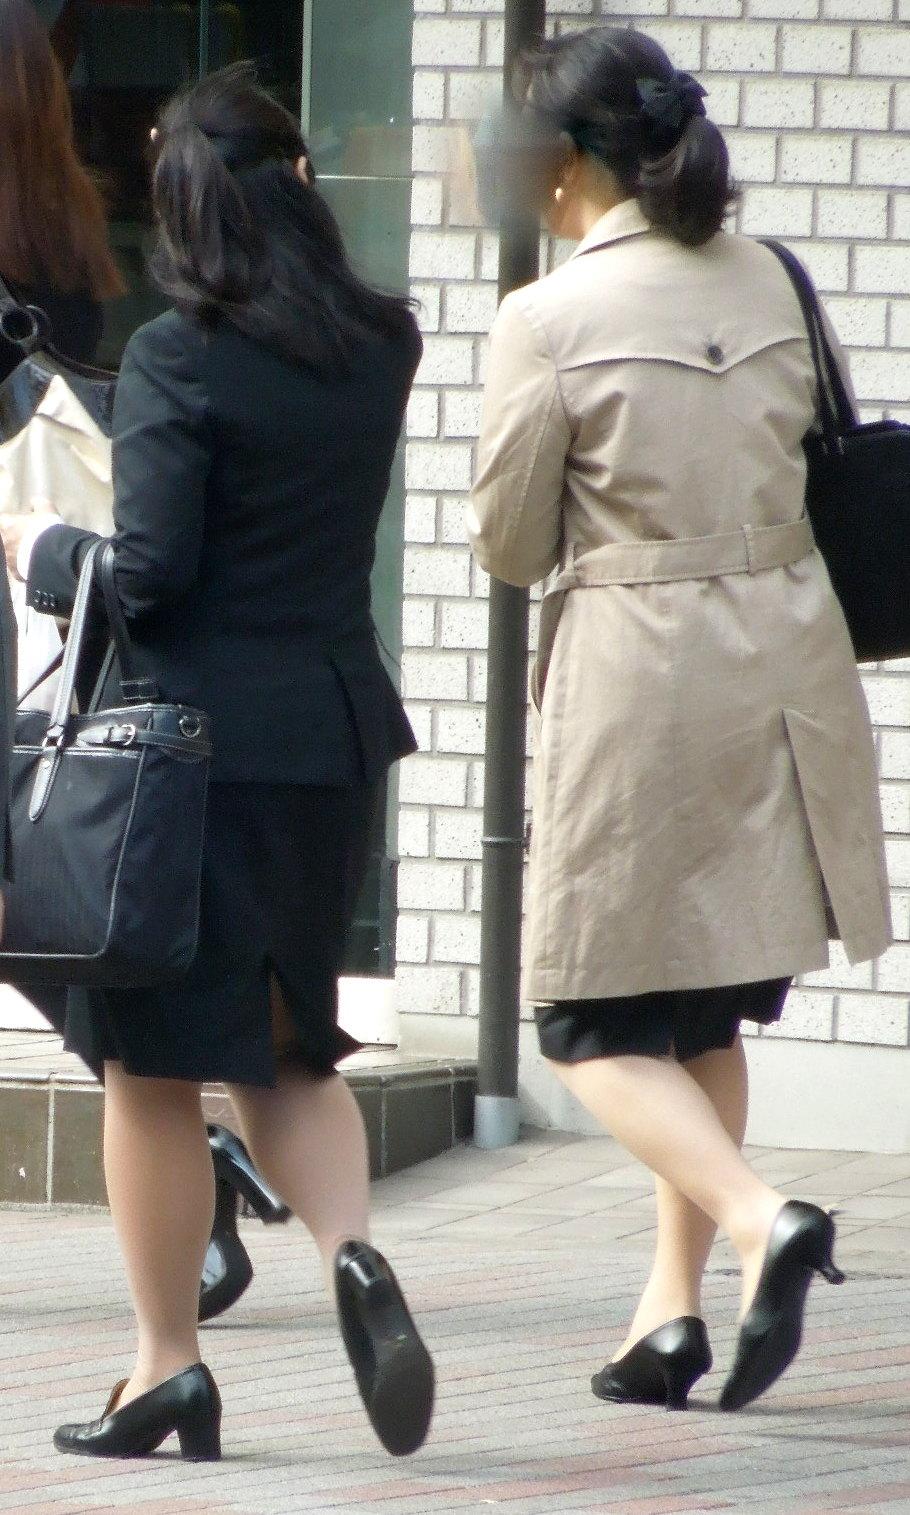 【街撮り画像】就活真っ只中なJDのリクスー尻と美脚を観察www 10